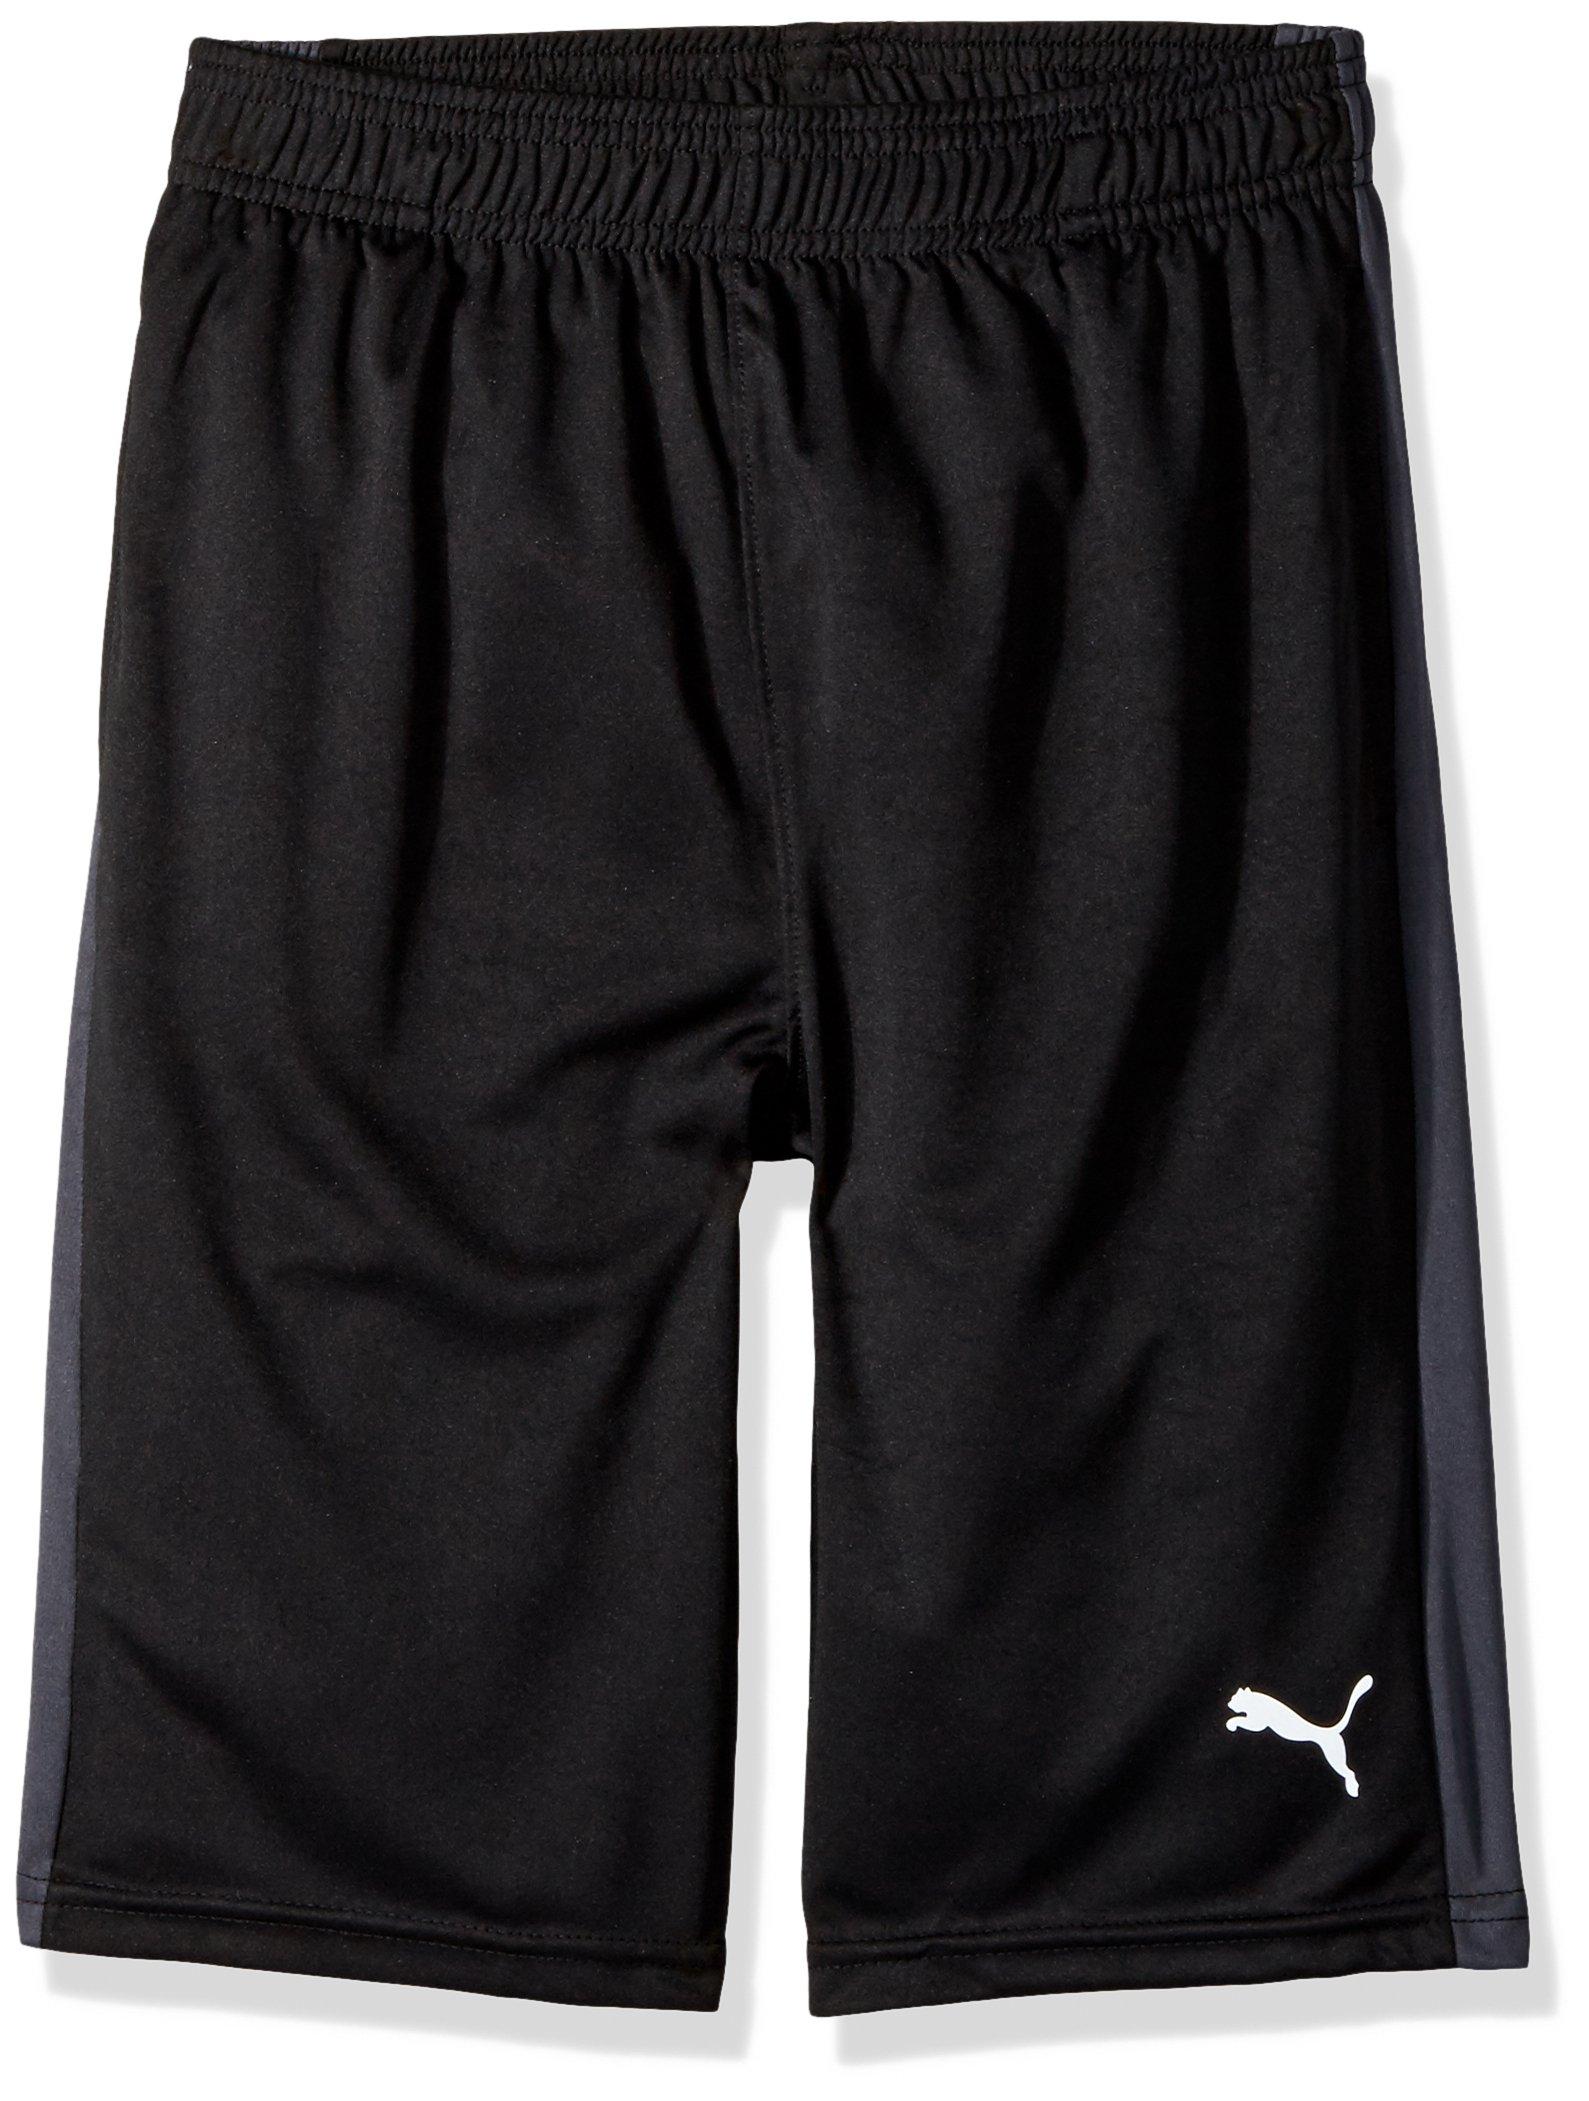 PUMA Big Boy's Puma Boys' Form Stripe Short Shorts, puma black, Small by PUMA